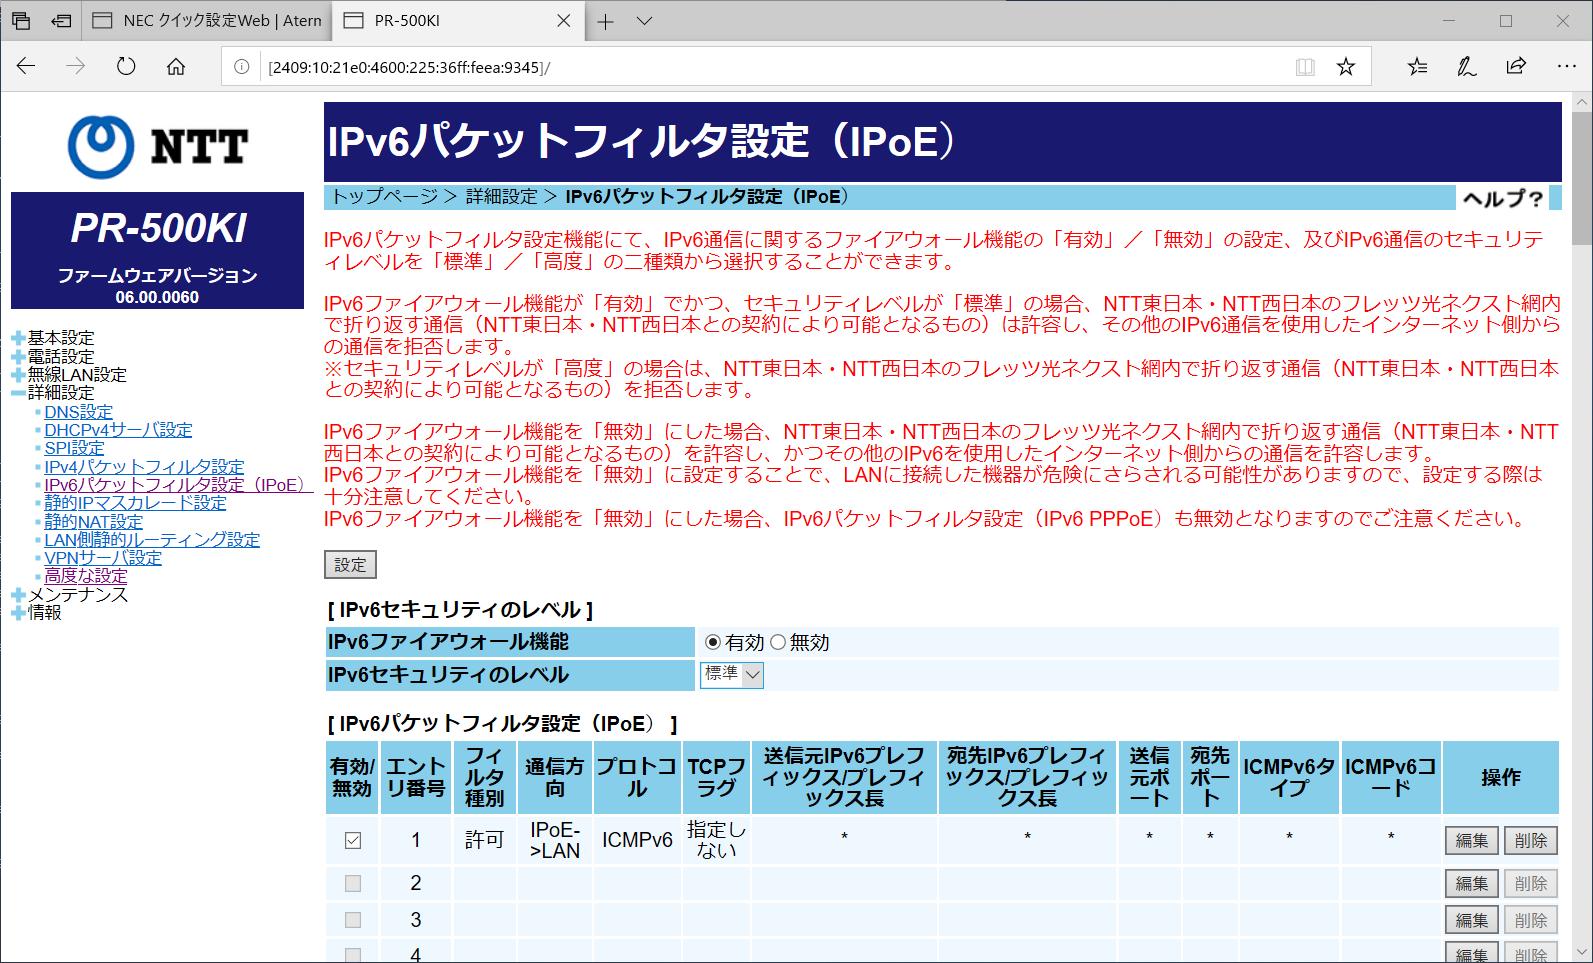 ホームゲートウェイに「IPoE->LAN」の方向で、ICMPv6を通過させるフィルタを追加